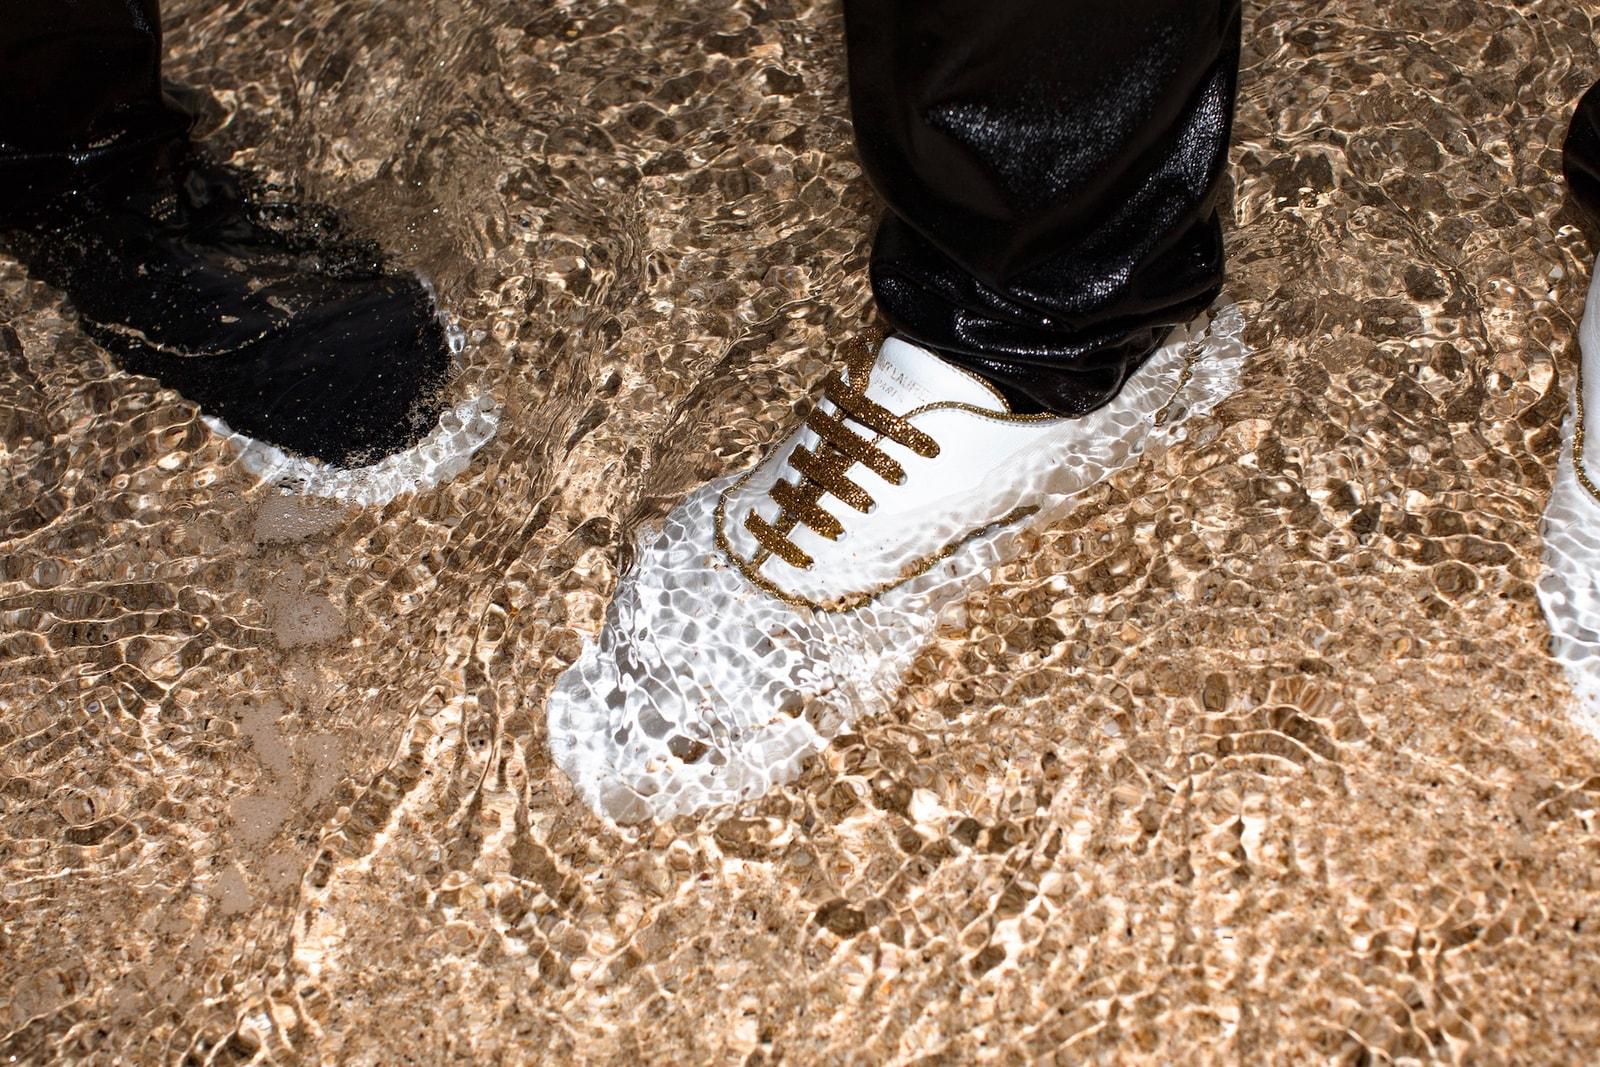 写真家 Evan Mock が捉えた Saint Laurent の大胆なスピリット Saint Laurent Team Up With Evan Mock for an Idyllic Venice Sneakers Lookbook Fashion Luxury Streetwear Hawaii Counter Culture